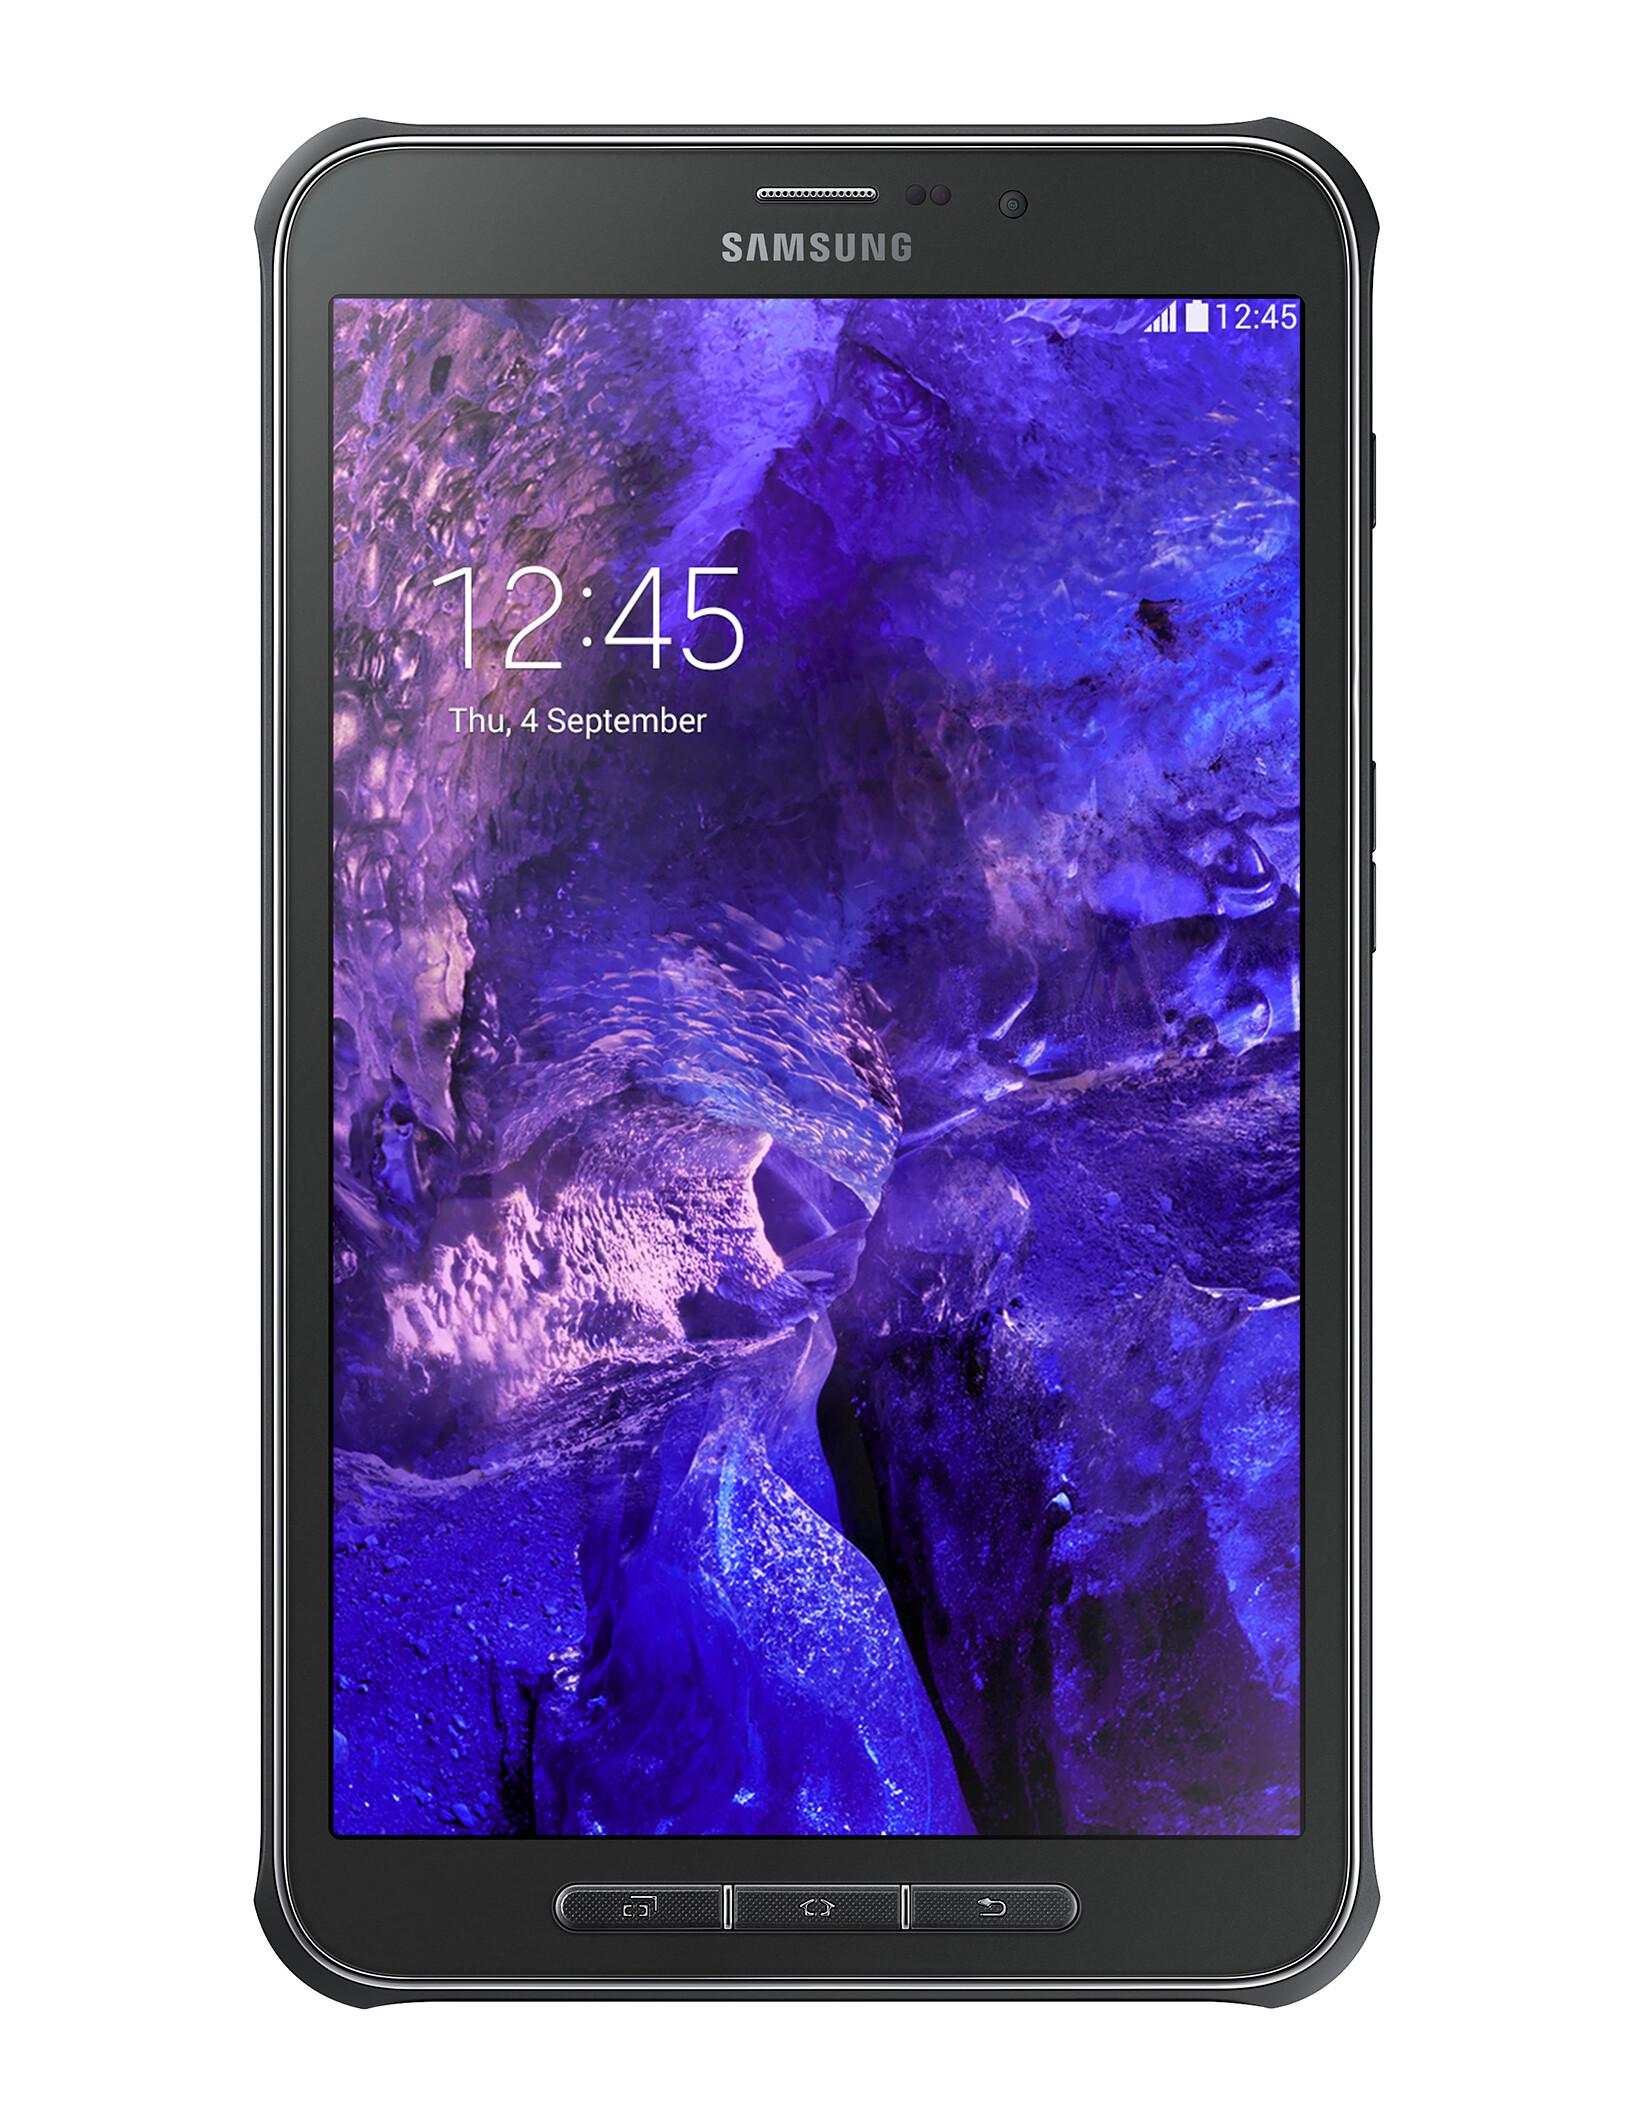 Samsung Galaxy Tab Active specs